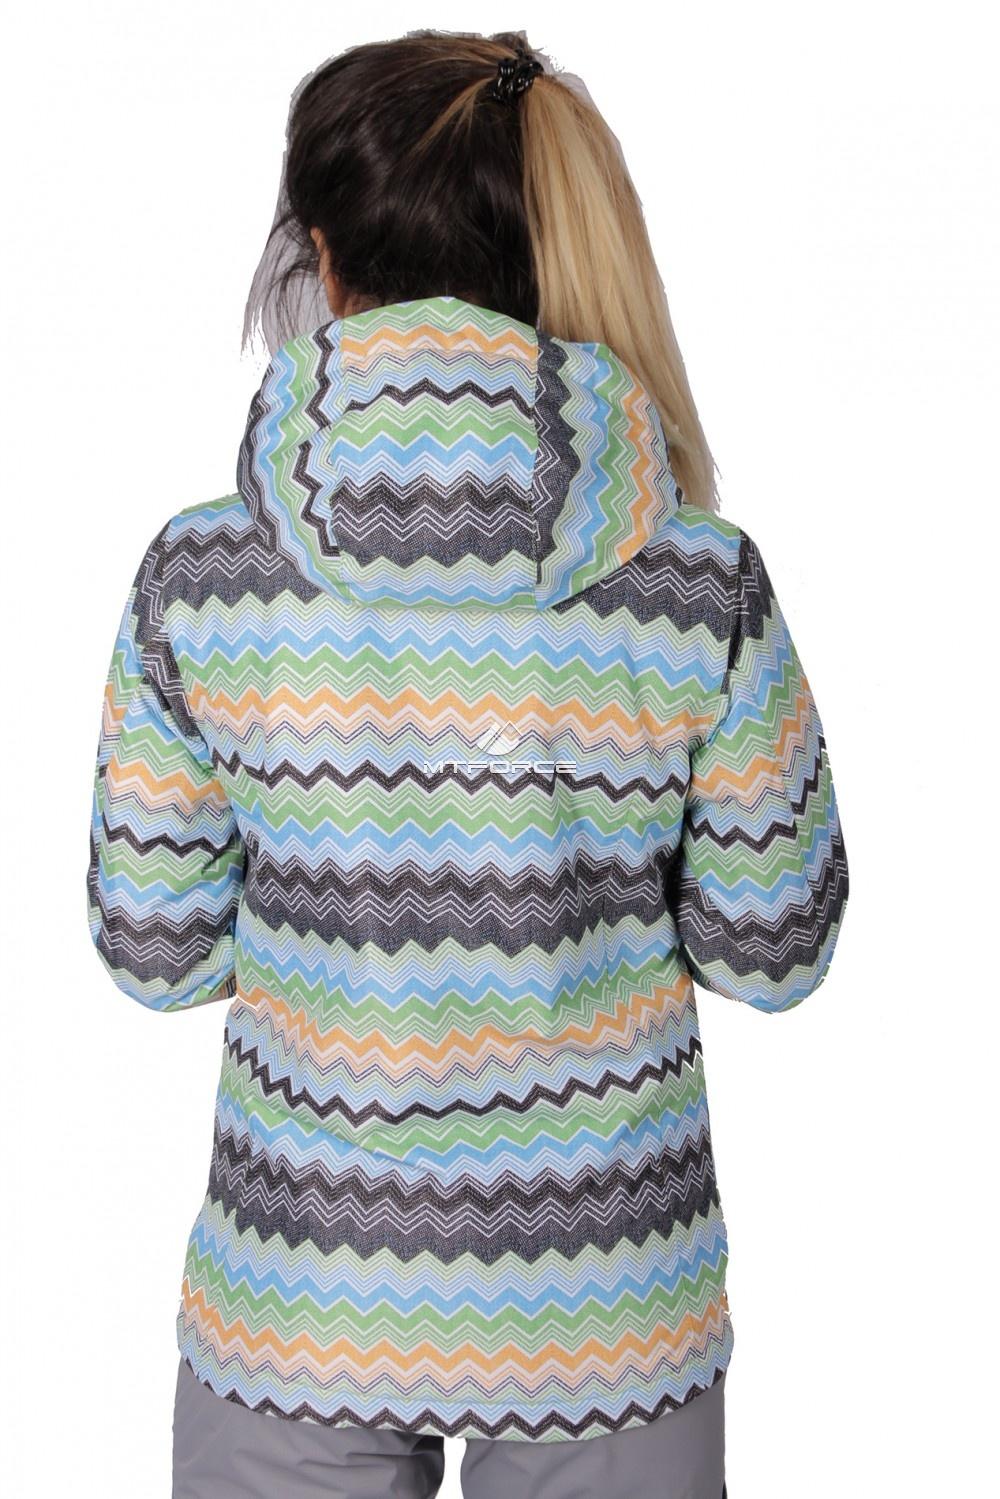 Купить оптом Куртка спортивная женская осень весна салатового цвета 1716Sl в Уфе